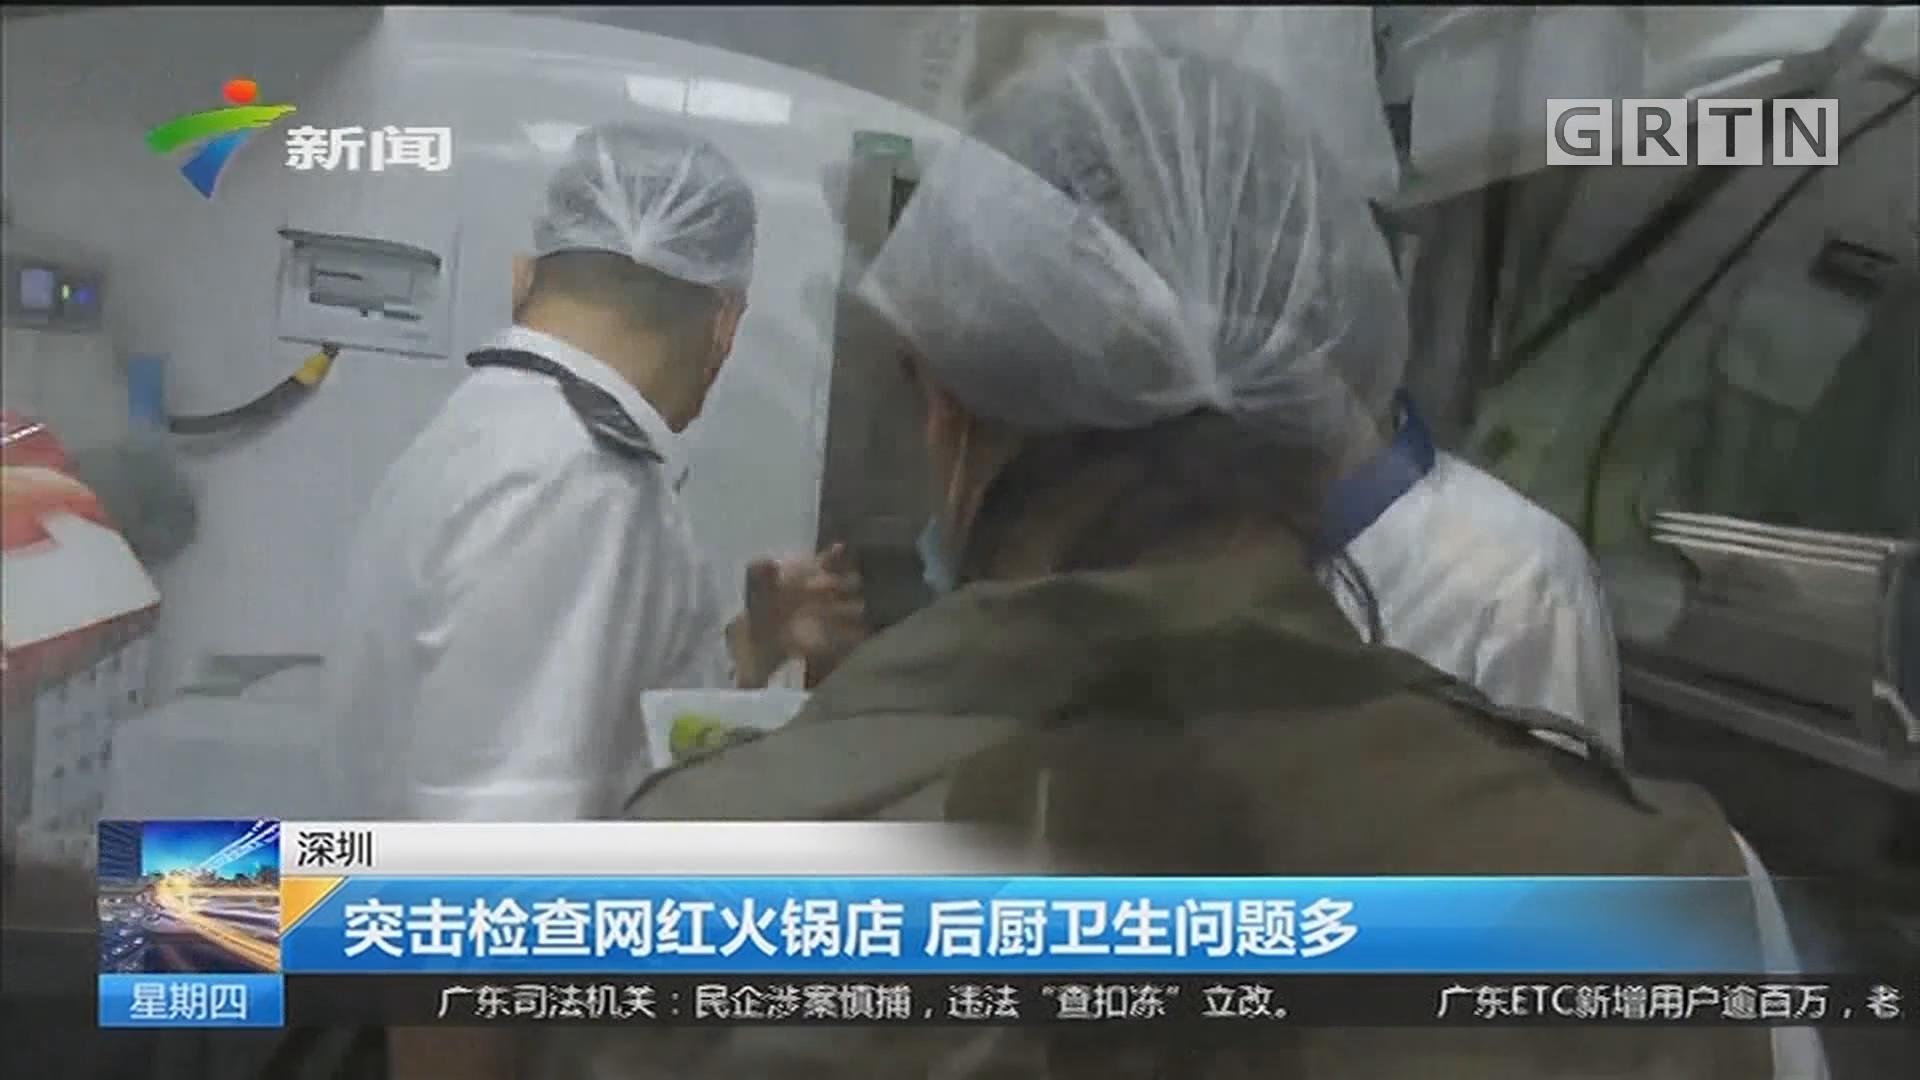 深圳:突击检查网红火锅店 后厨卫生问题多